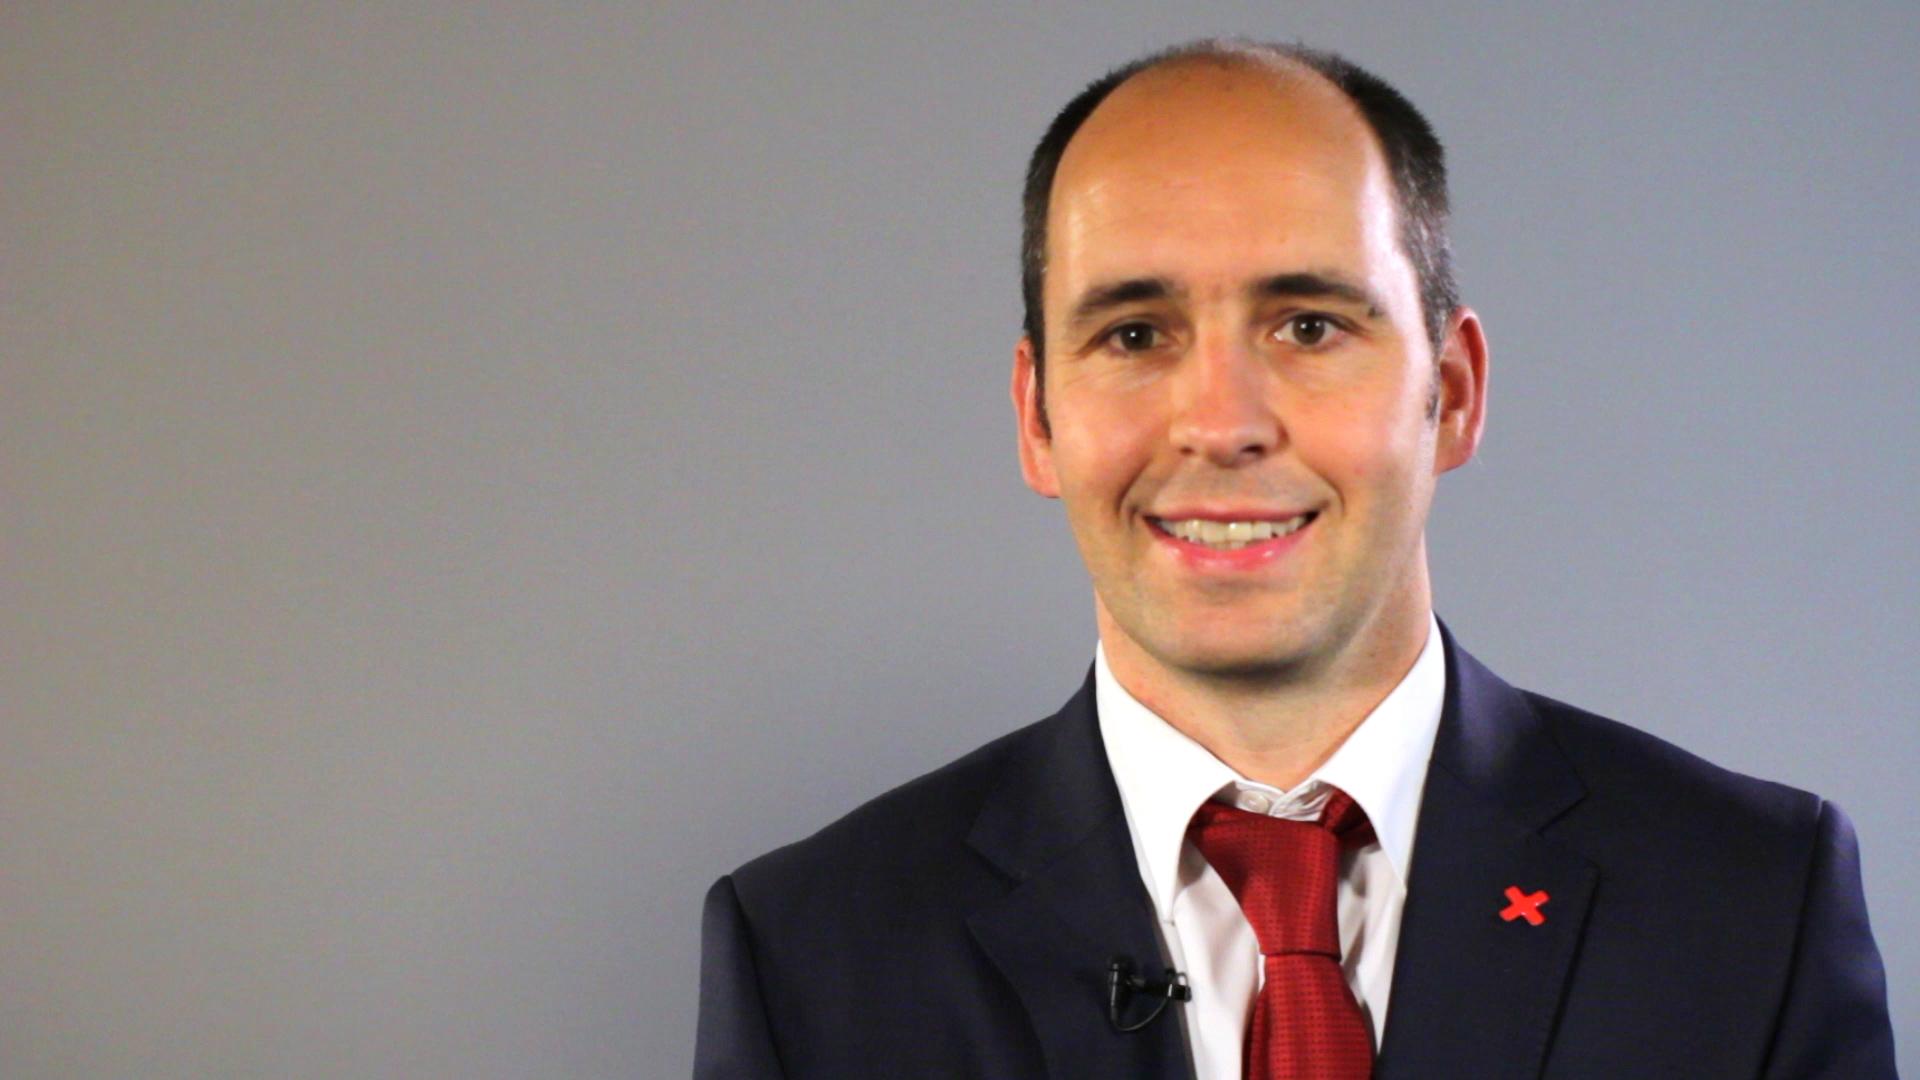 Xeikon Trillium One: A Bright Future — Interview with Xeikon CEO Wim Maes